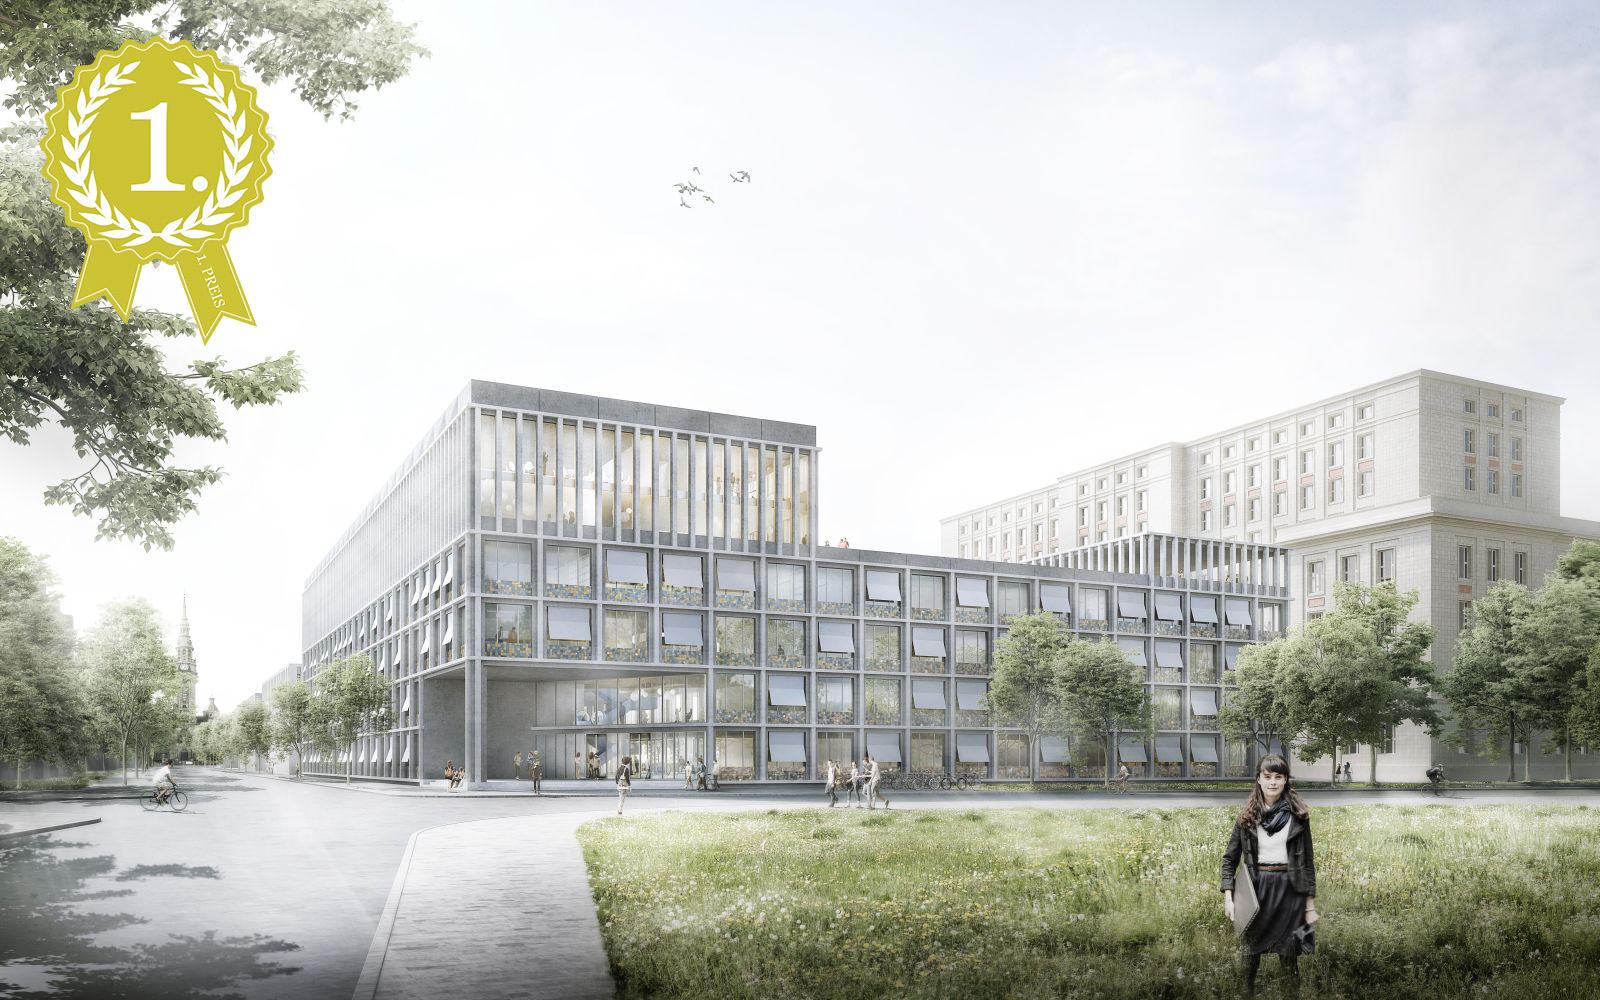 Architekten Dresden lehr und laborgebäude htw dresden rohdecan architekten gmbh 1